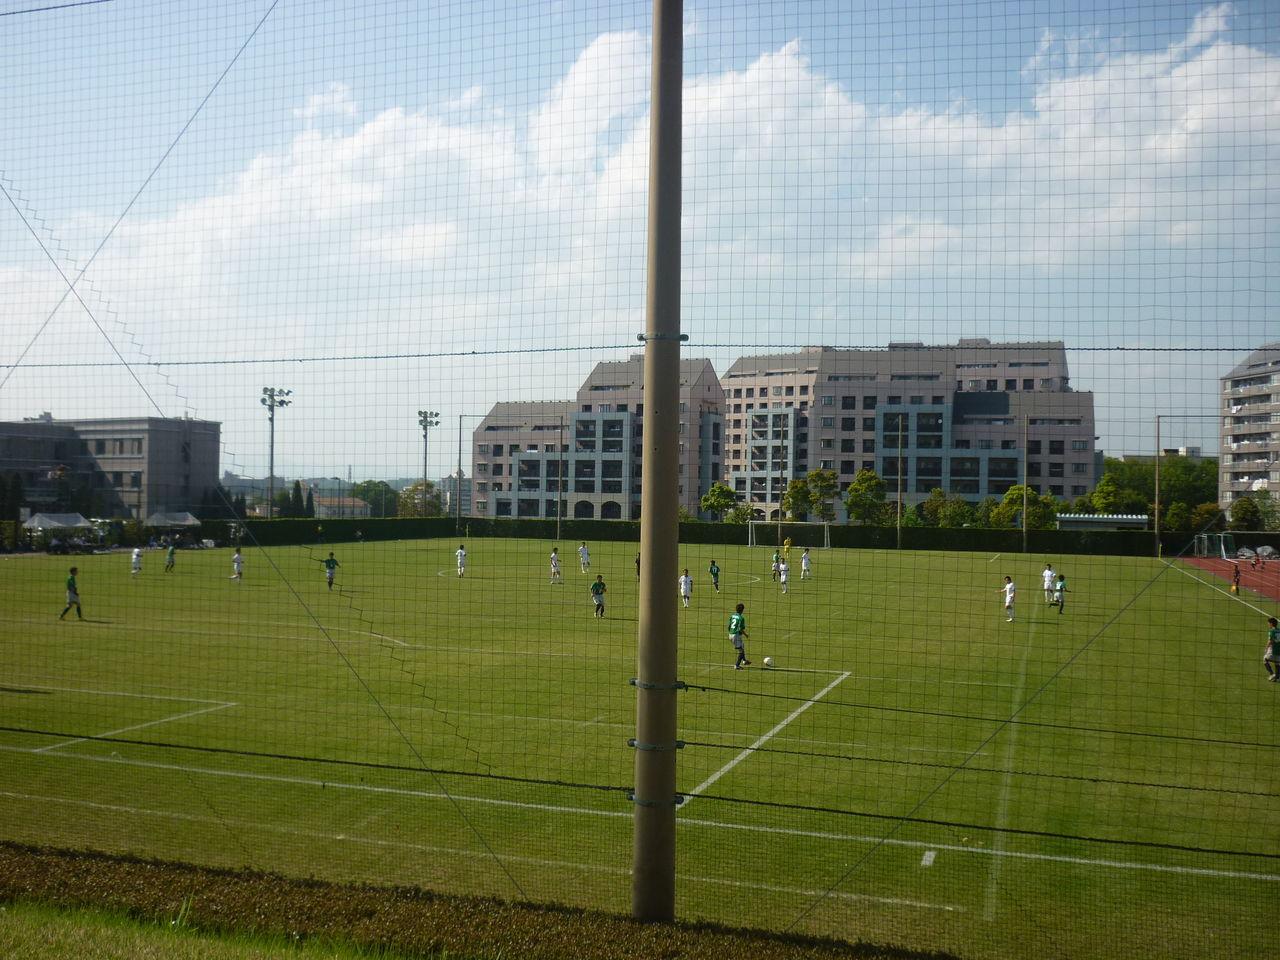 2011/5/8 関東サッカーリーグ2部 2011/5/8 関東サッカー